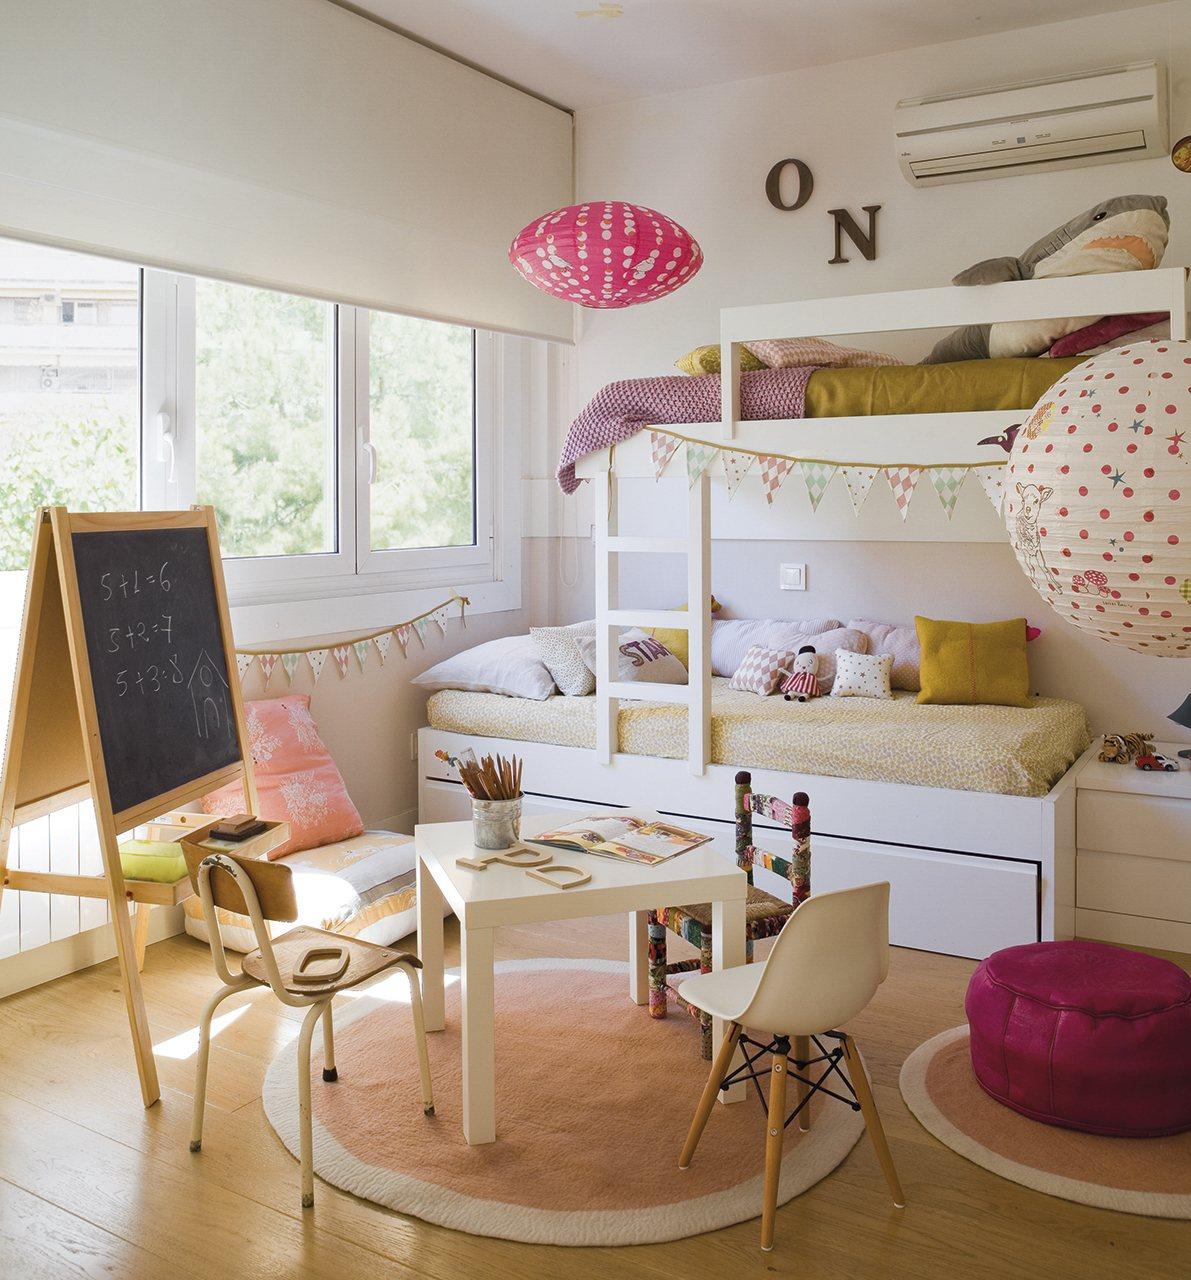 Dormitorio con litera en tonos mostaza y rosa. Un habitación creada para imaginar.